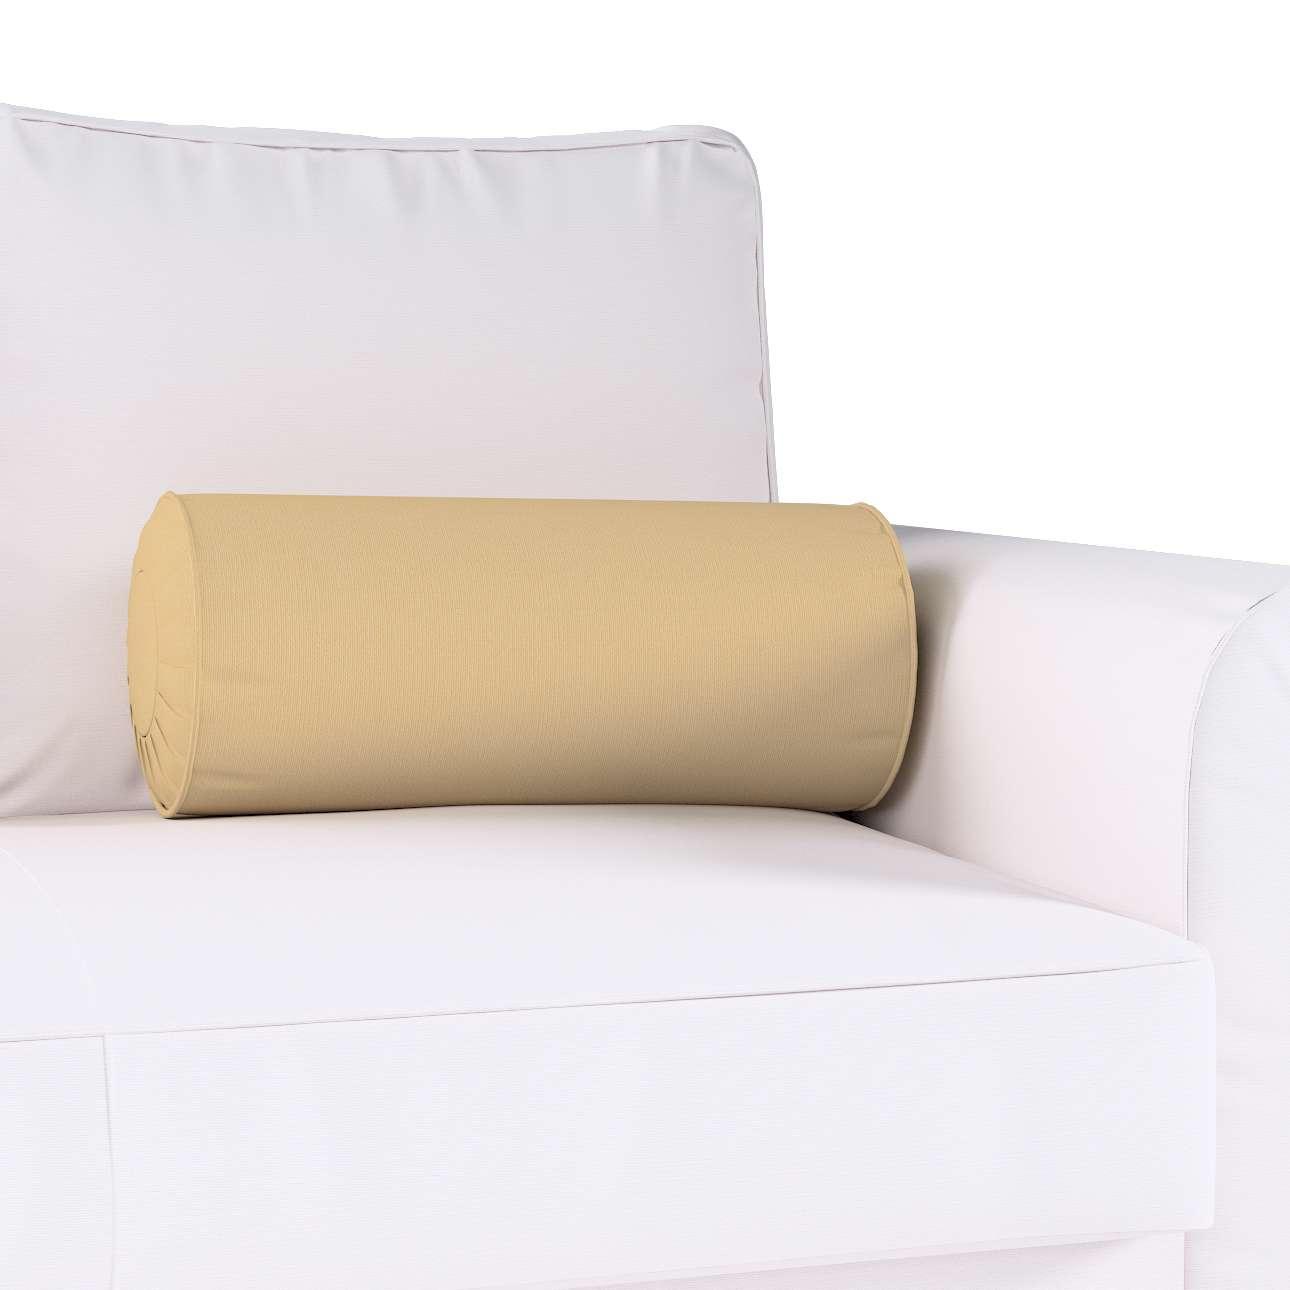 Nackenrolle mit Falten Ø 20 x 50 cm von der Kollektion Cotton Panama, Stoff: 702-01